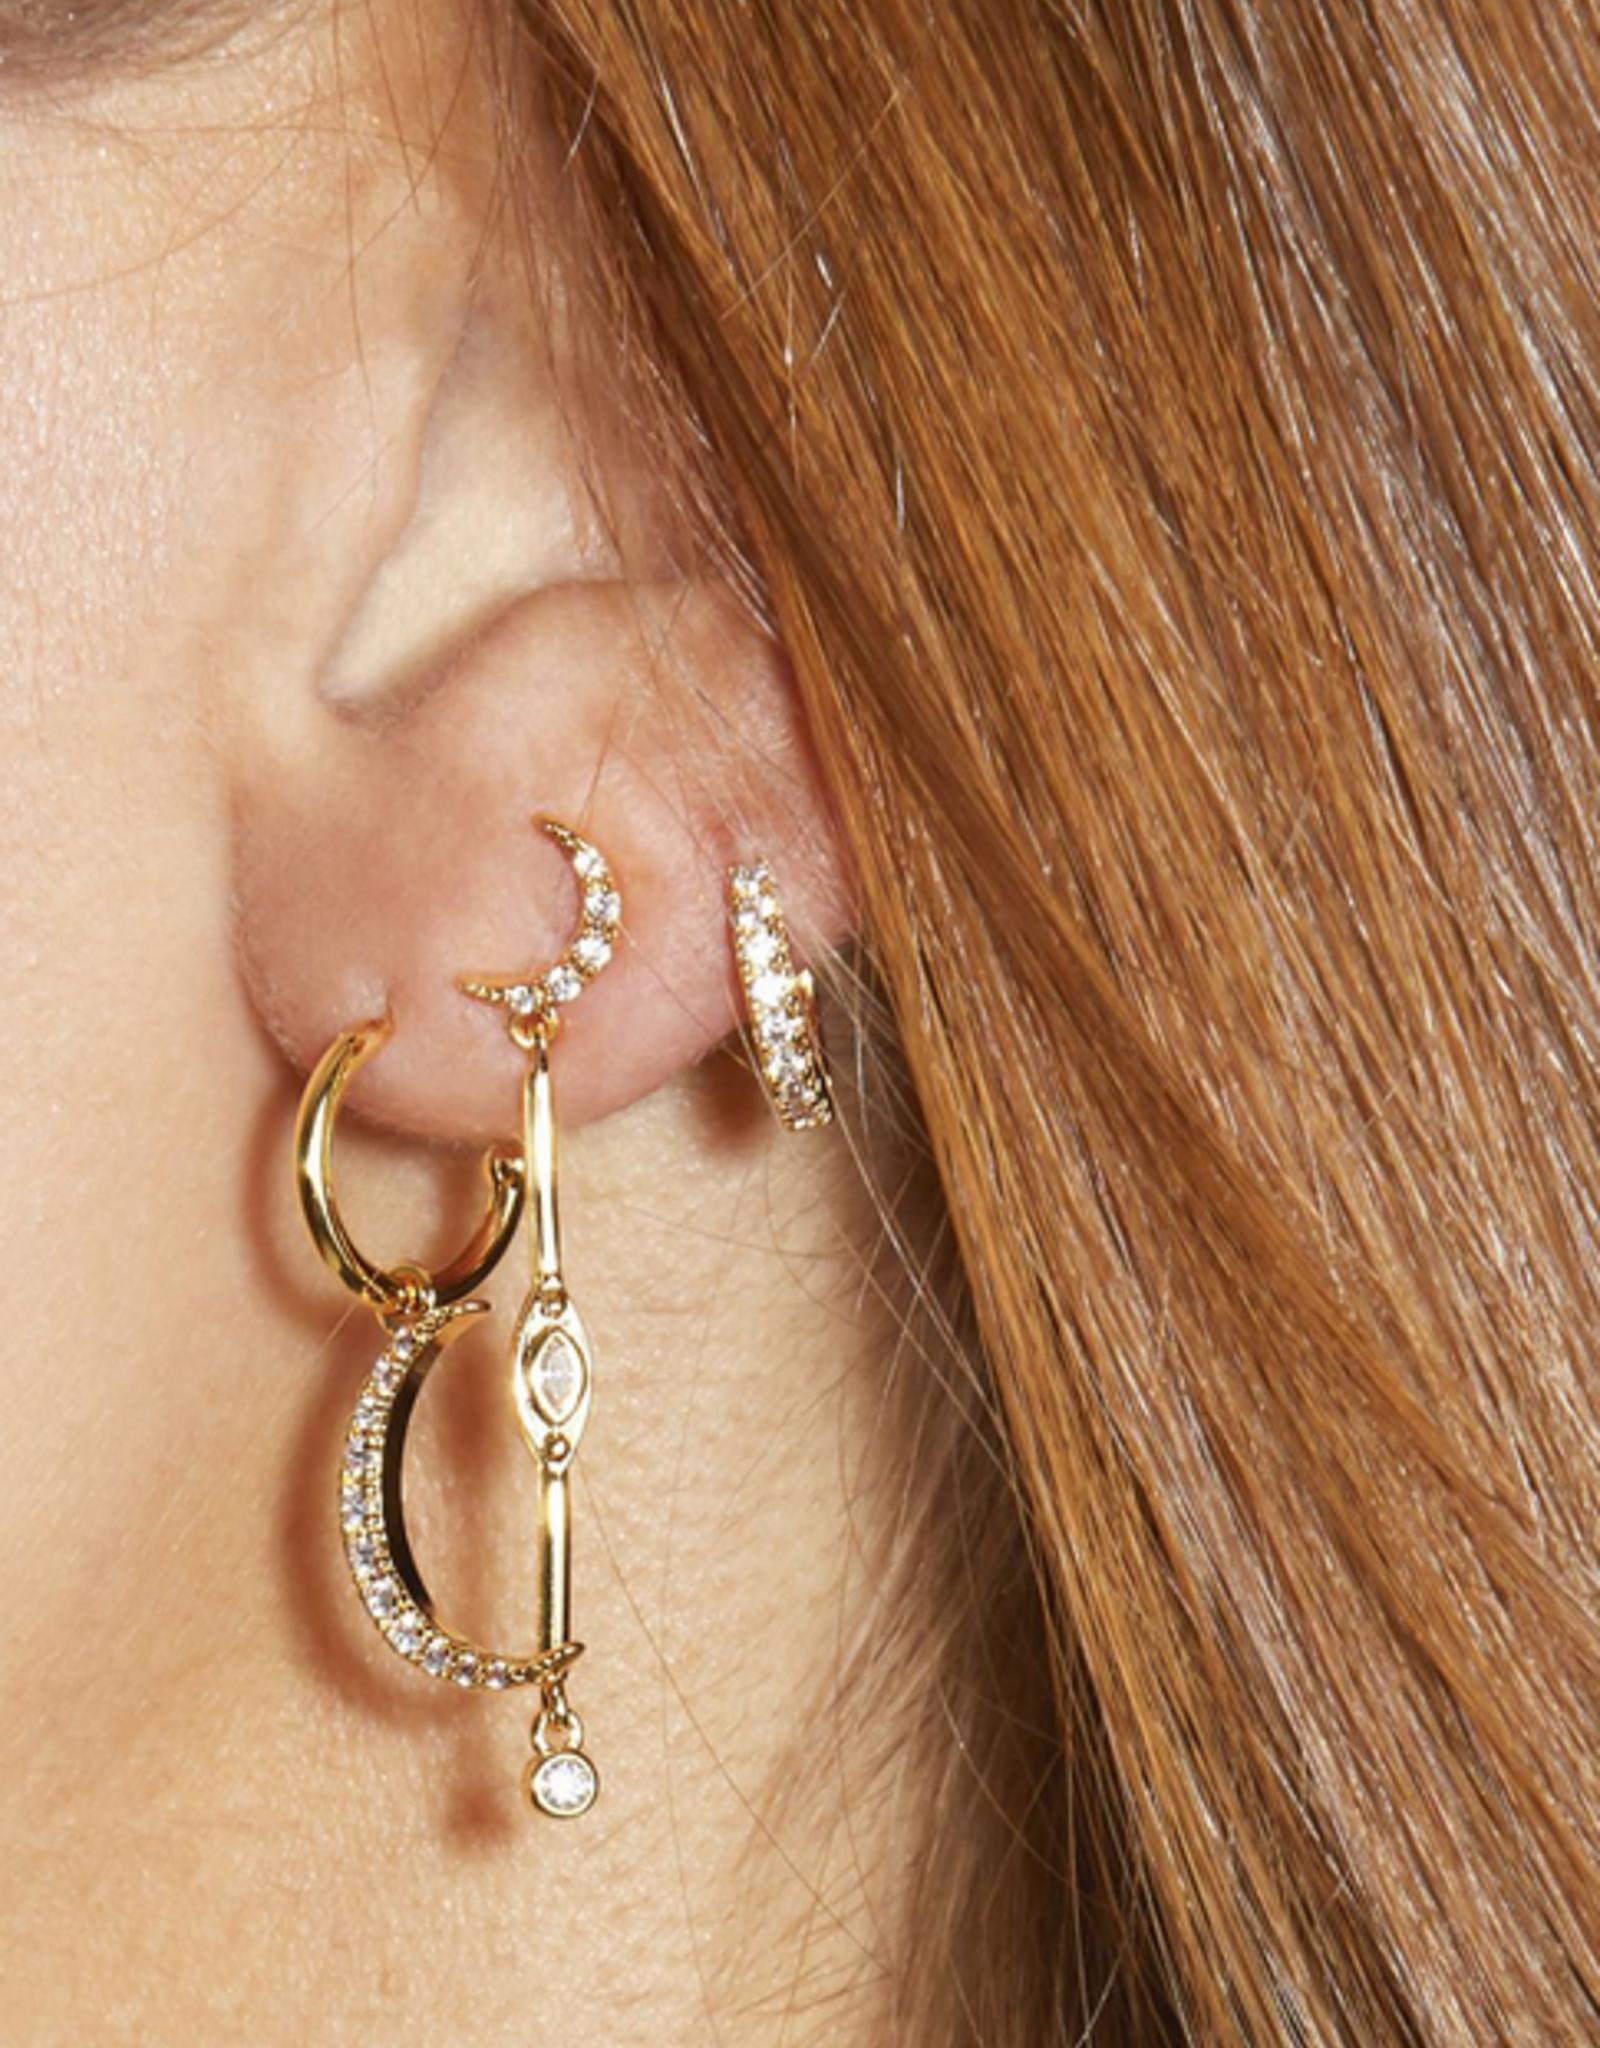 Delhi Earring